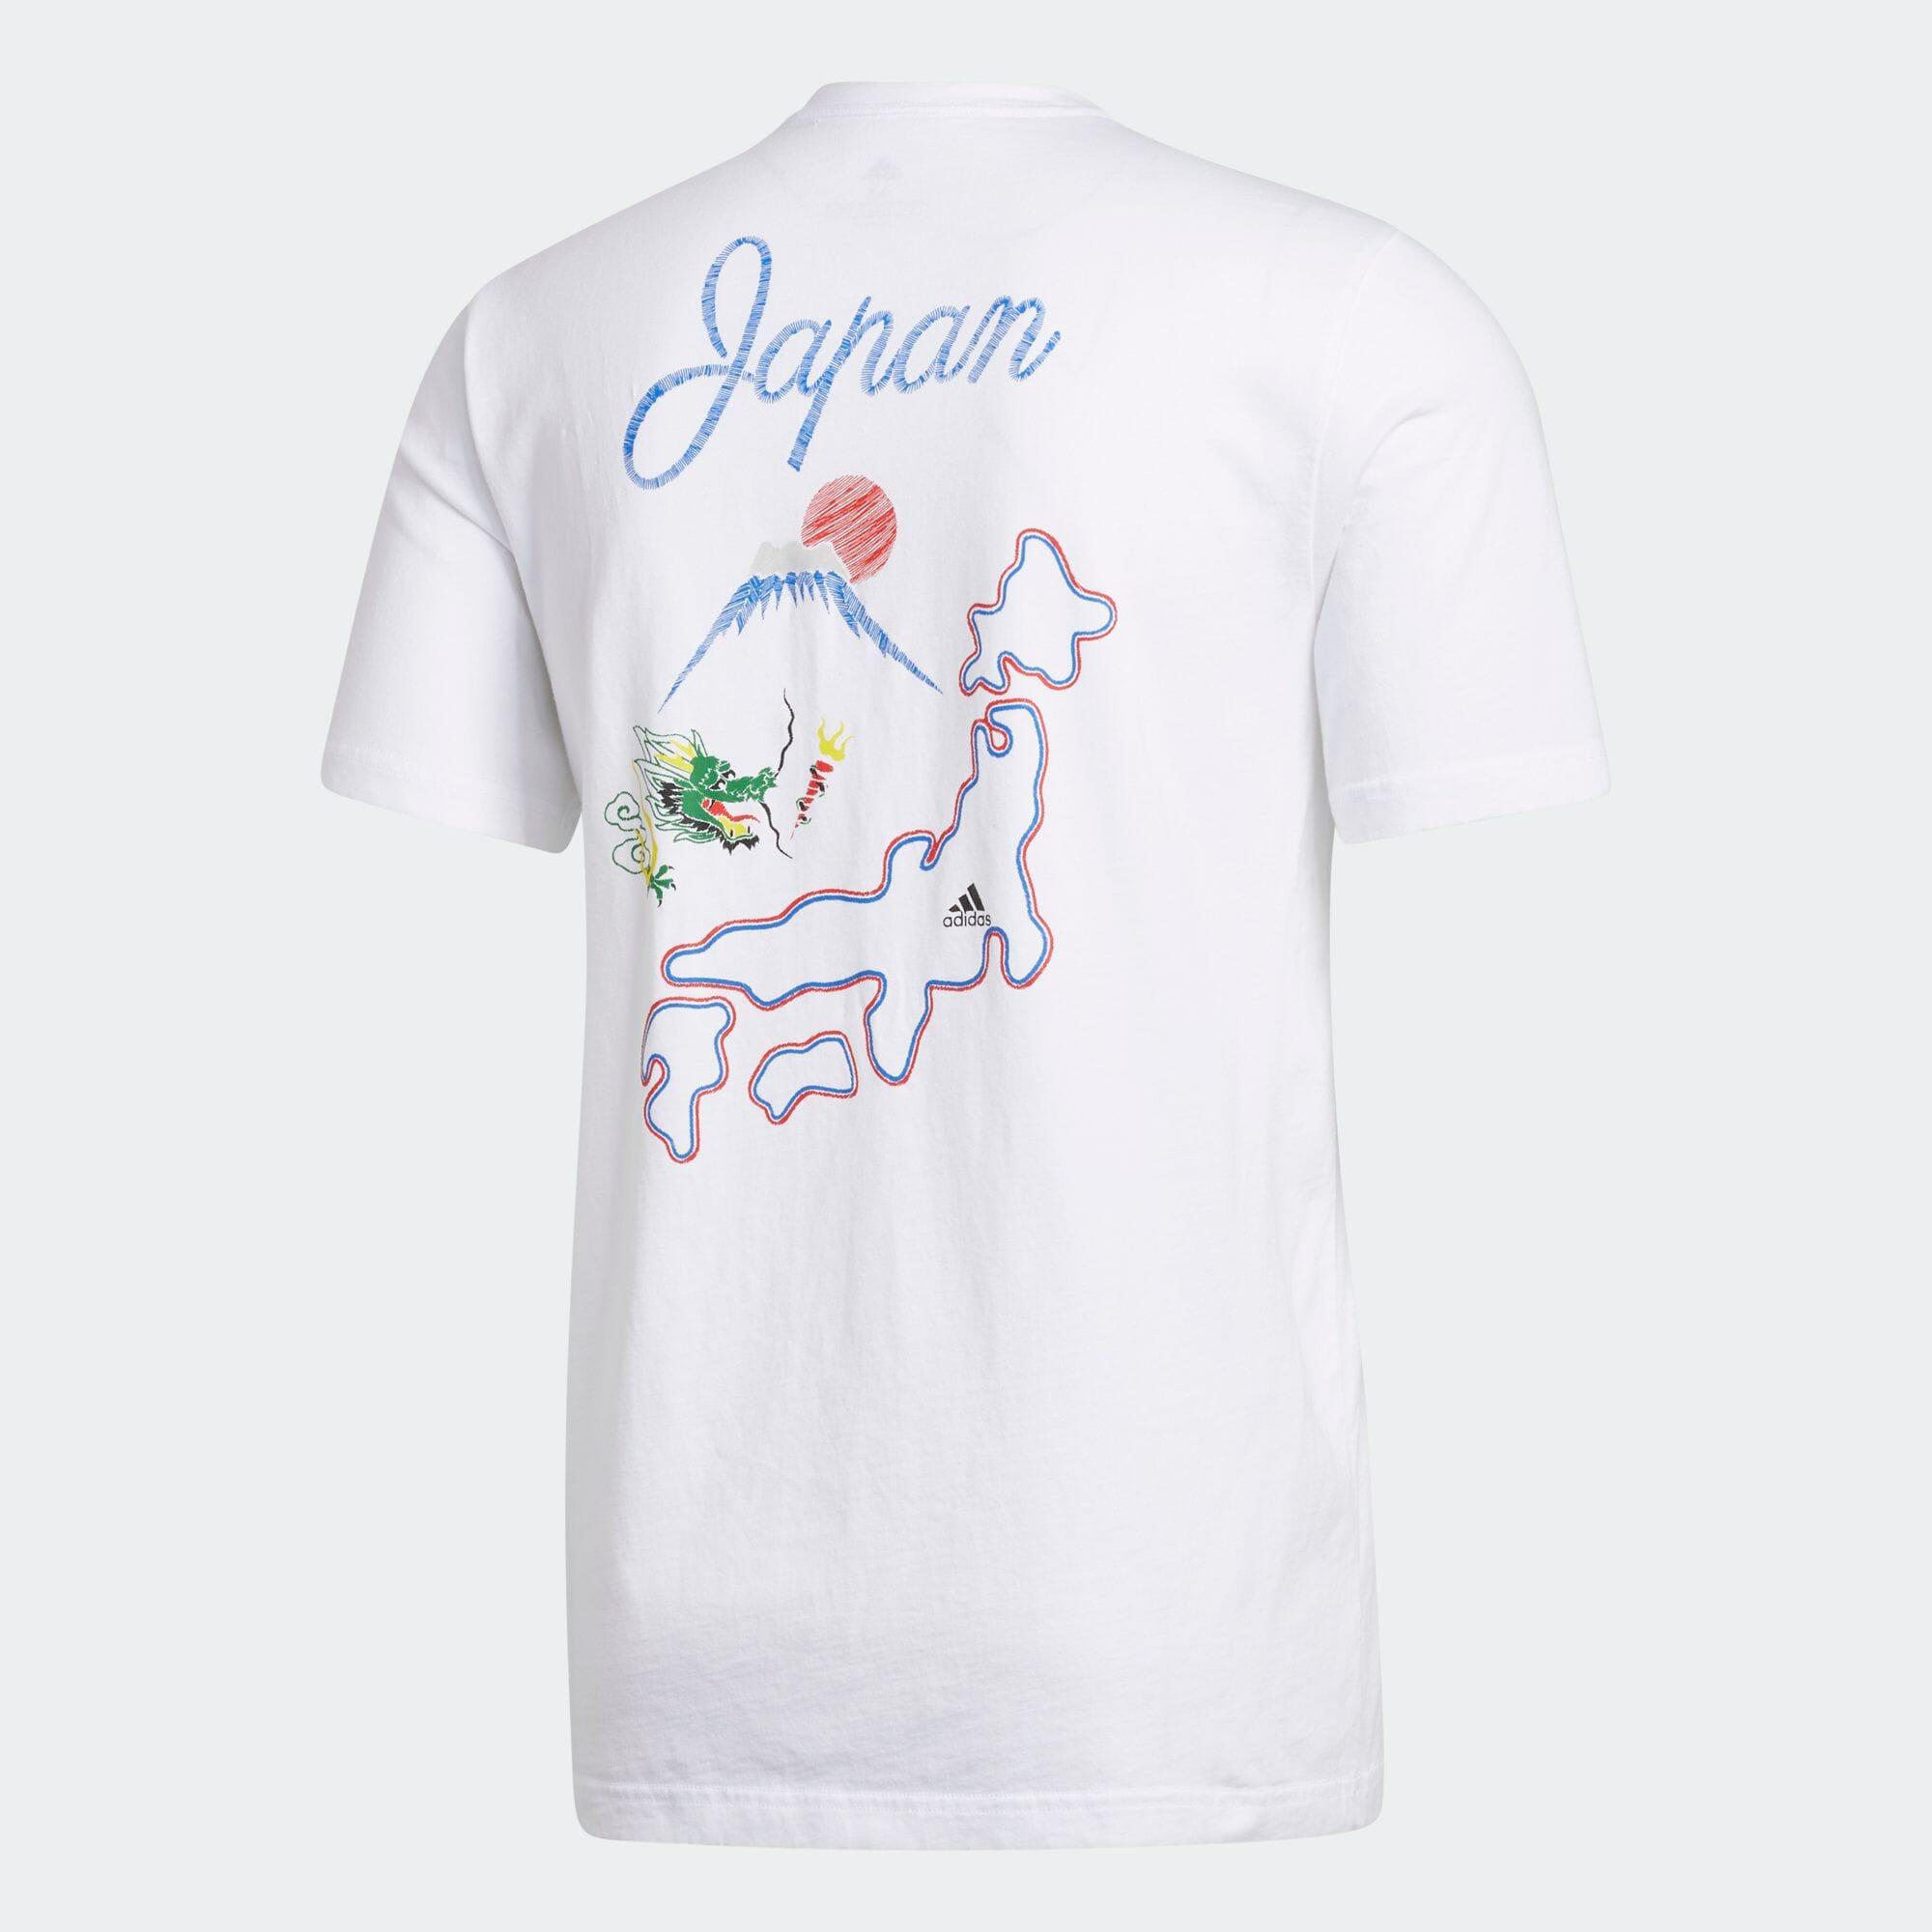 日本地図半袖Tシャツ / Japan Map Tee